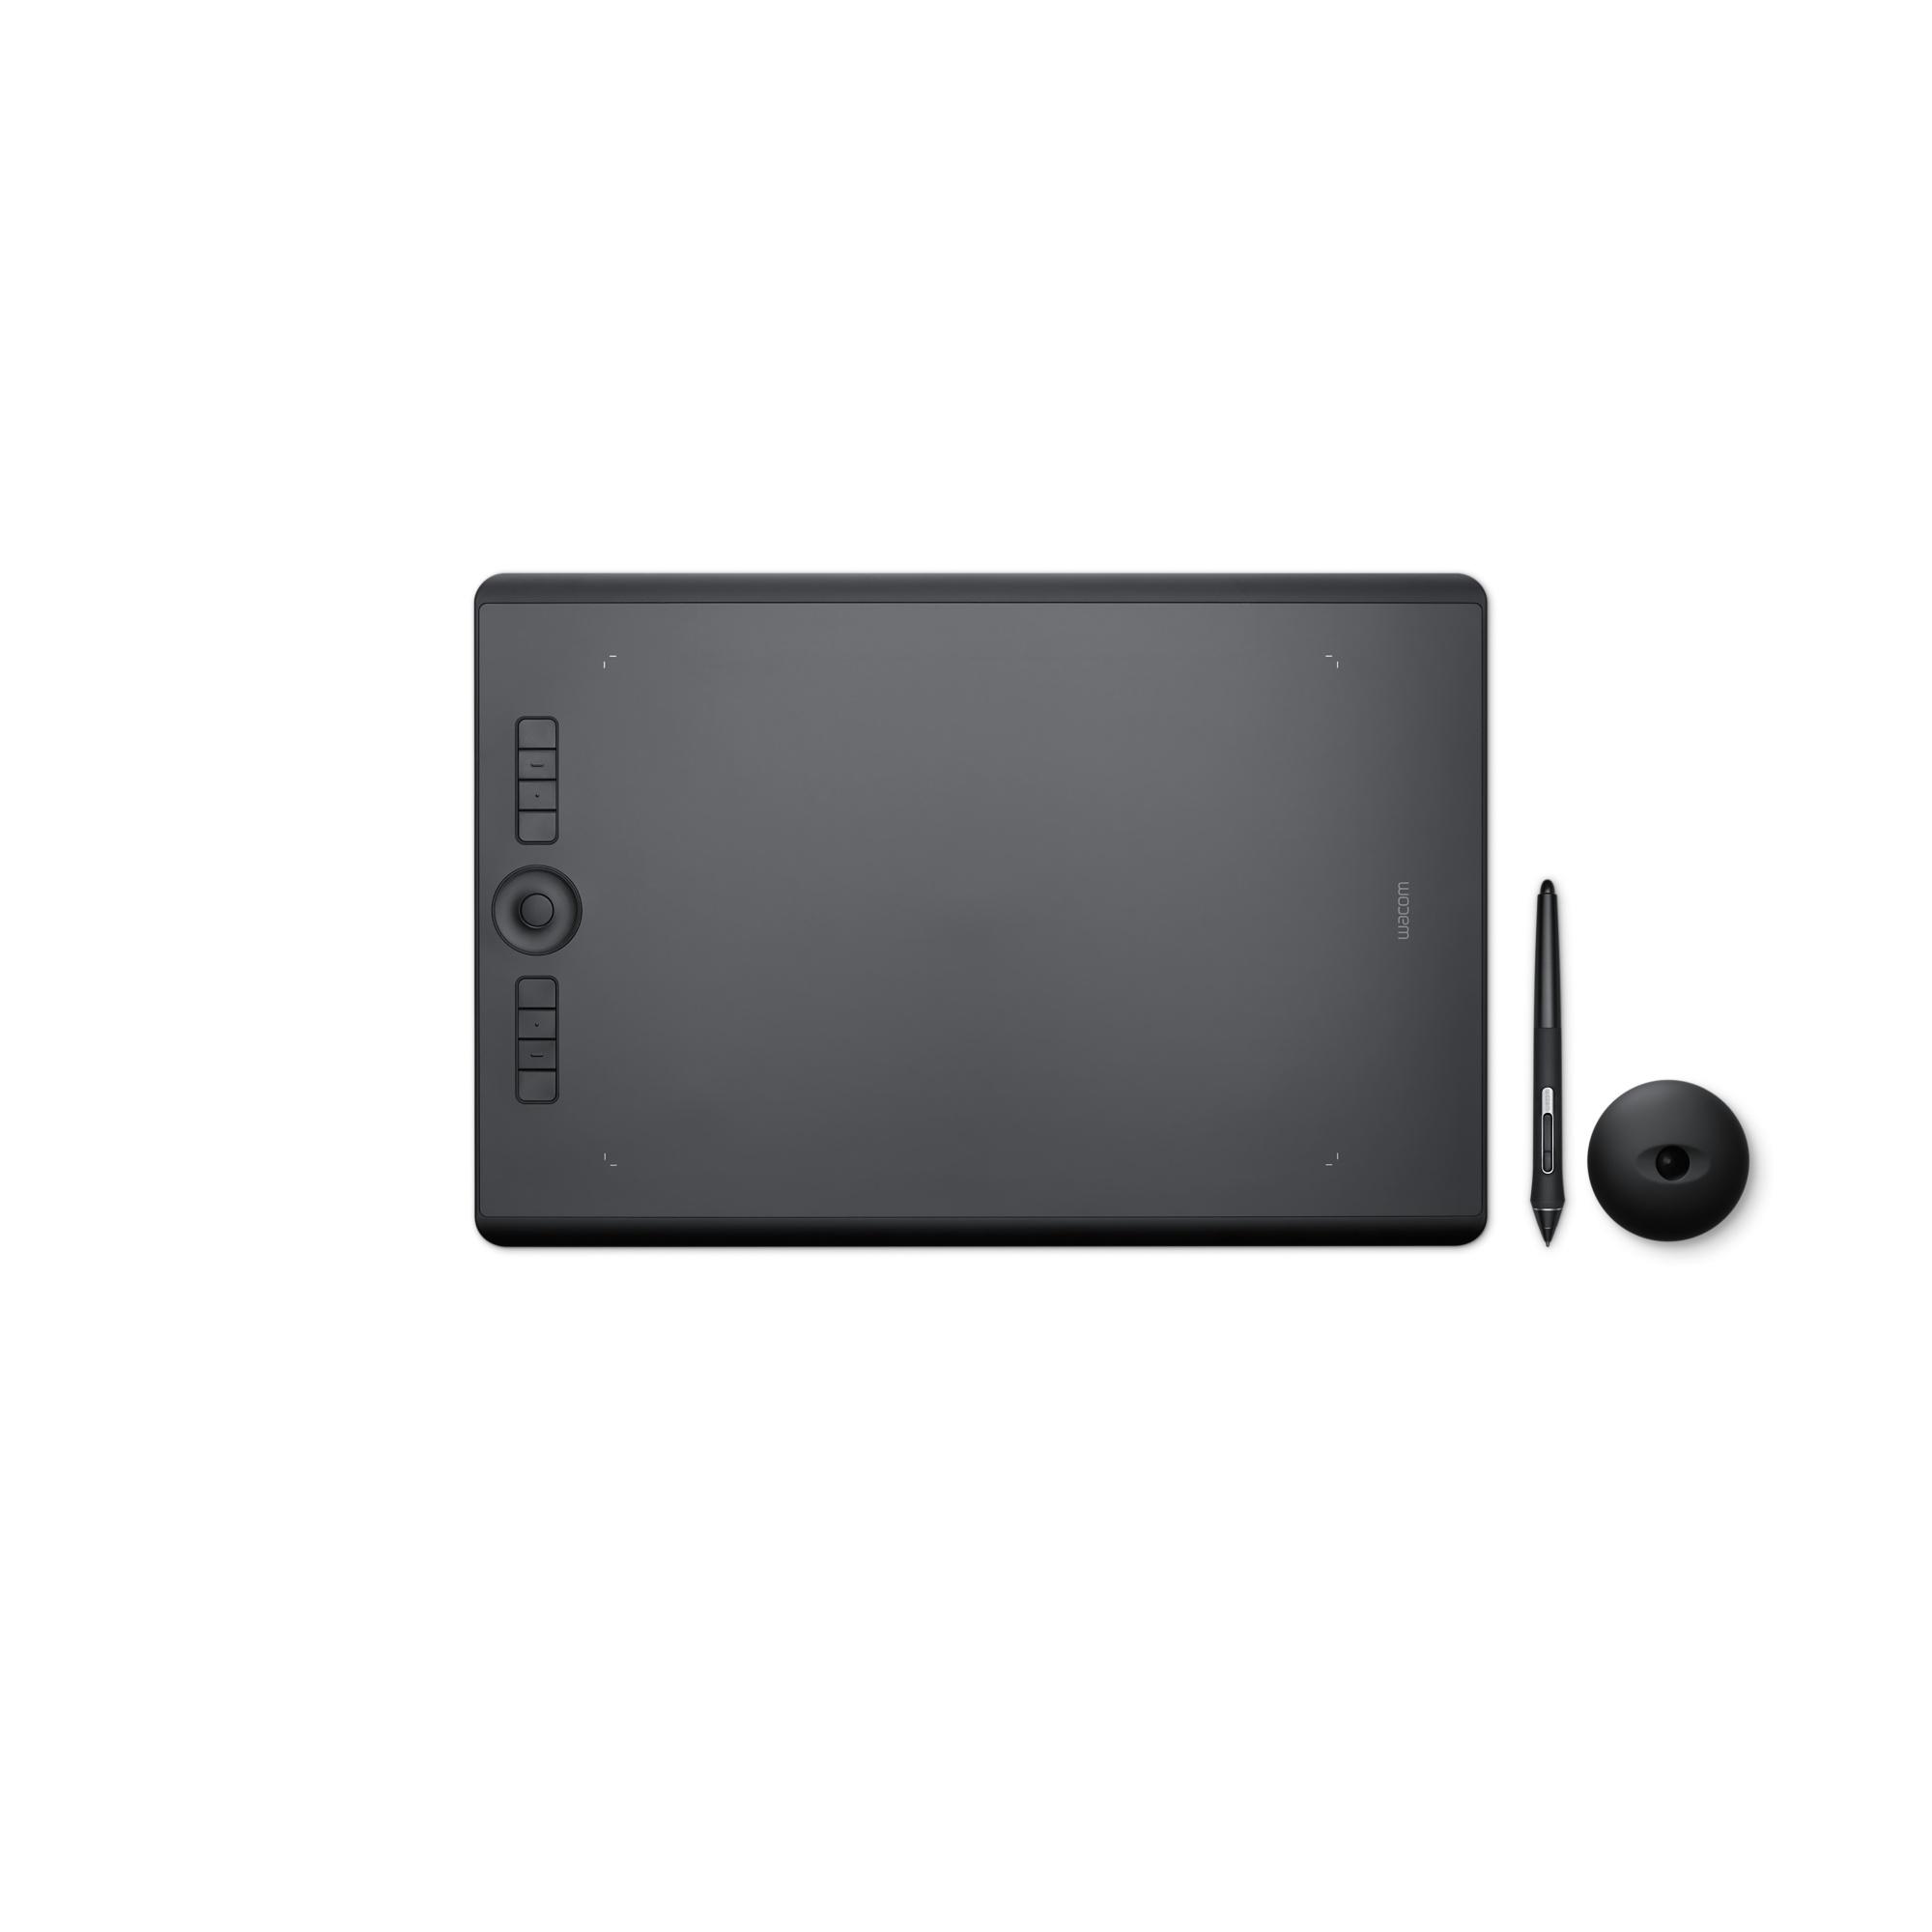 Wacom Intuos Pro ペンタブレット - Large